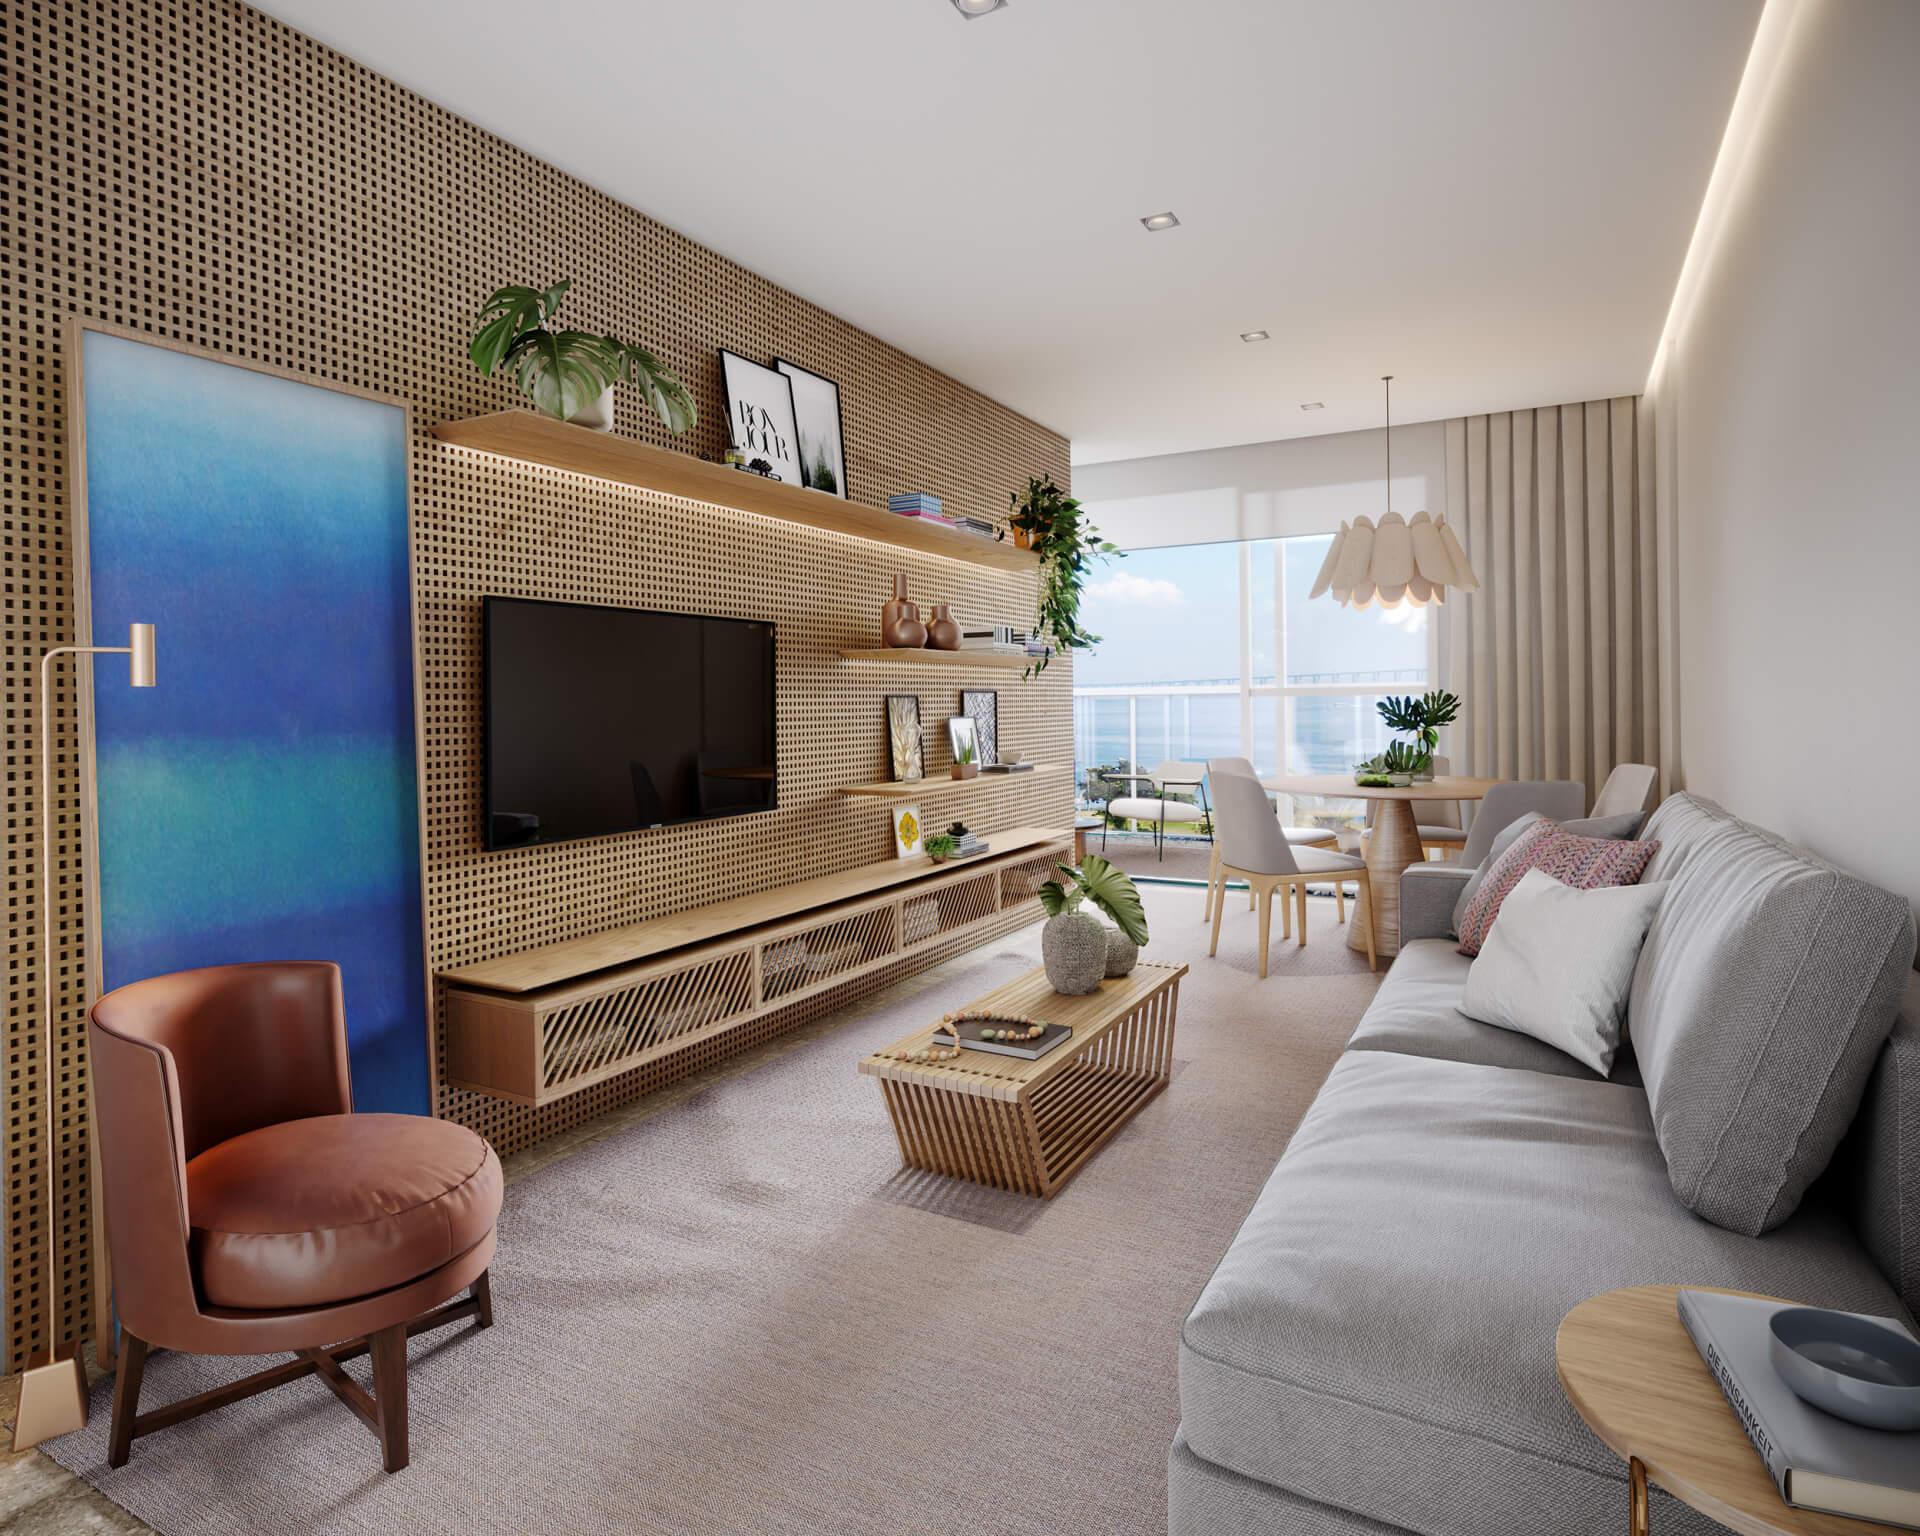 SALA do apto 802 do Edifício Brisa, com infra para ar-condicionado e piso entregue com revestimento laminado. Conforto para o seu cotidiano.